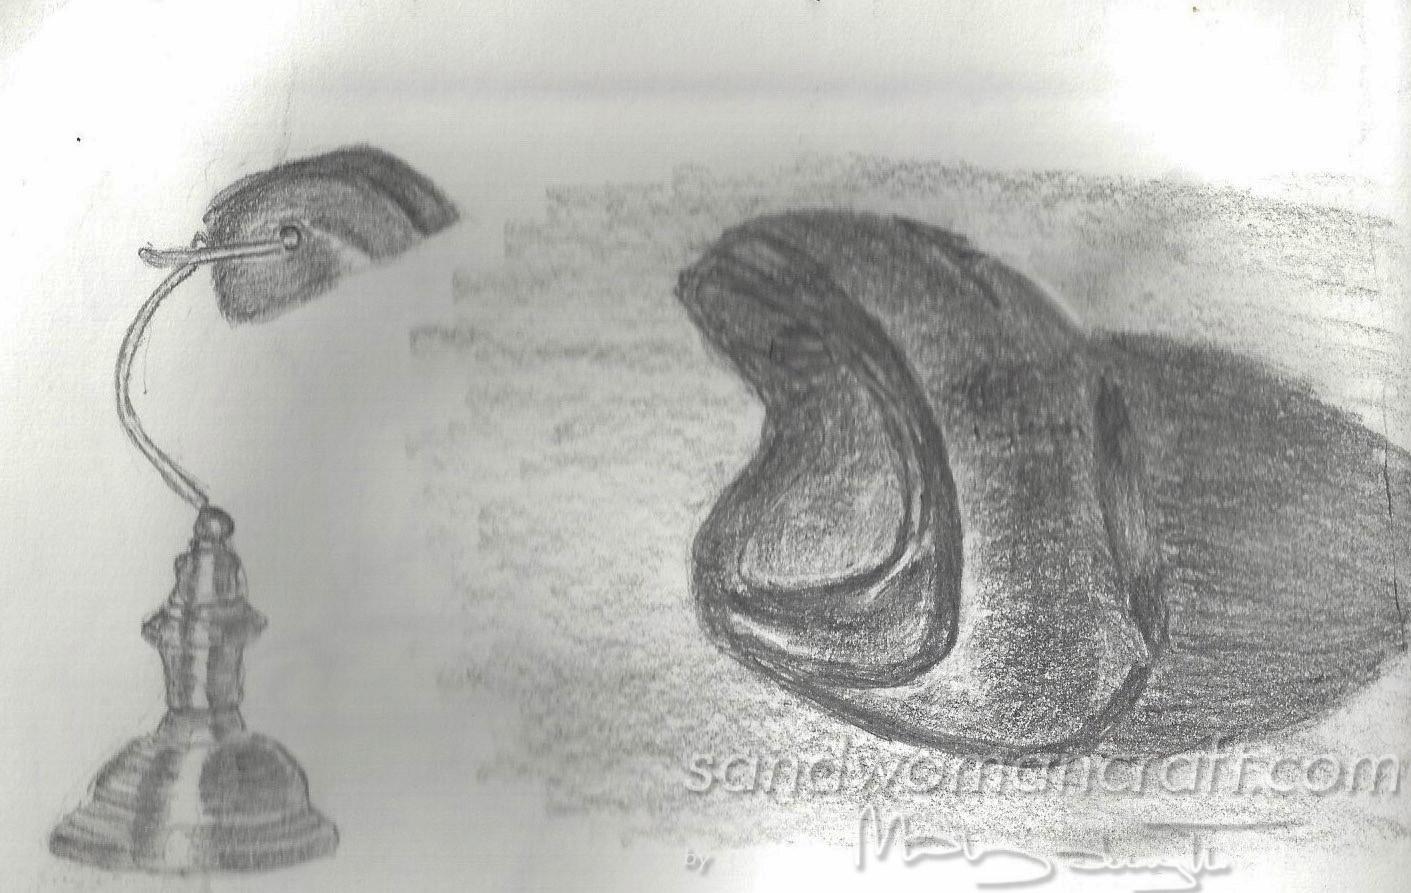 Lamp and sketchbook doodles